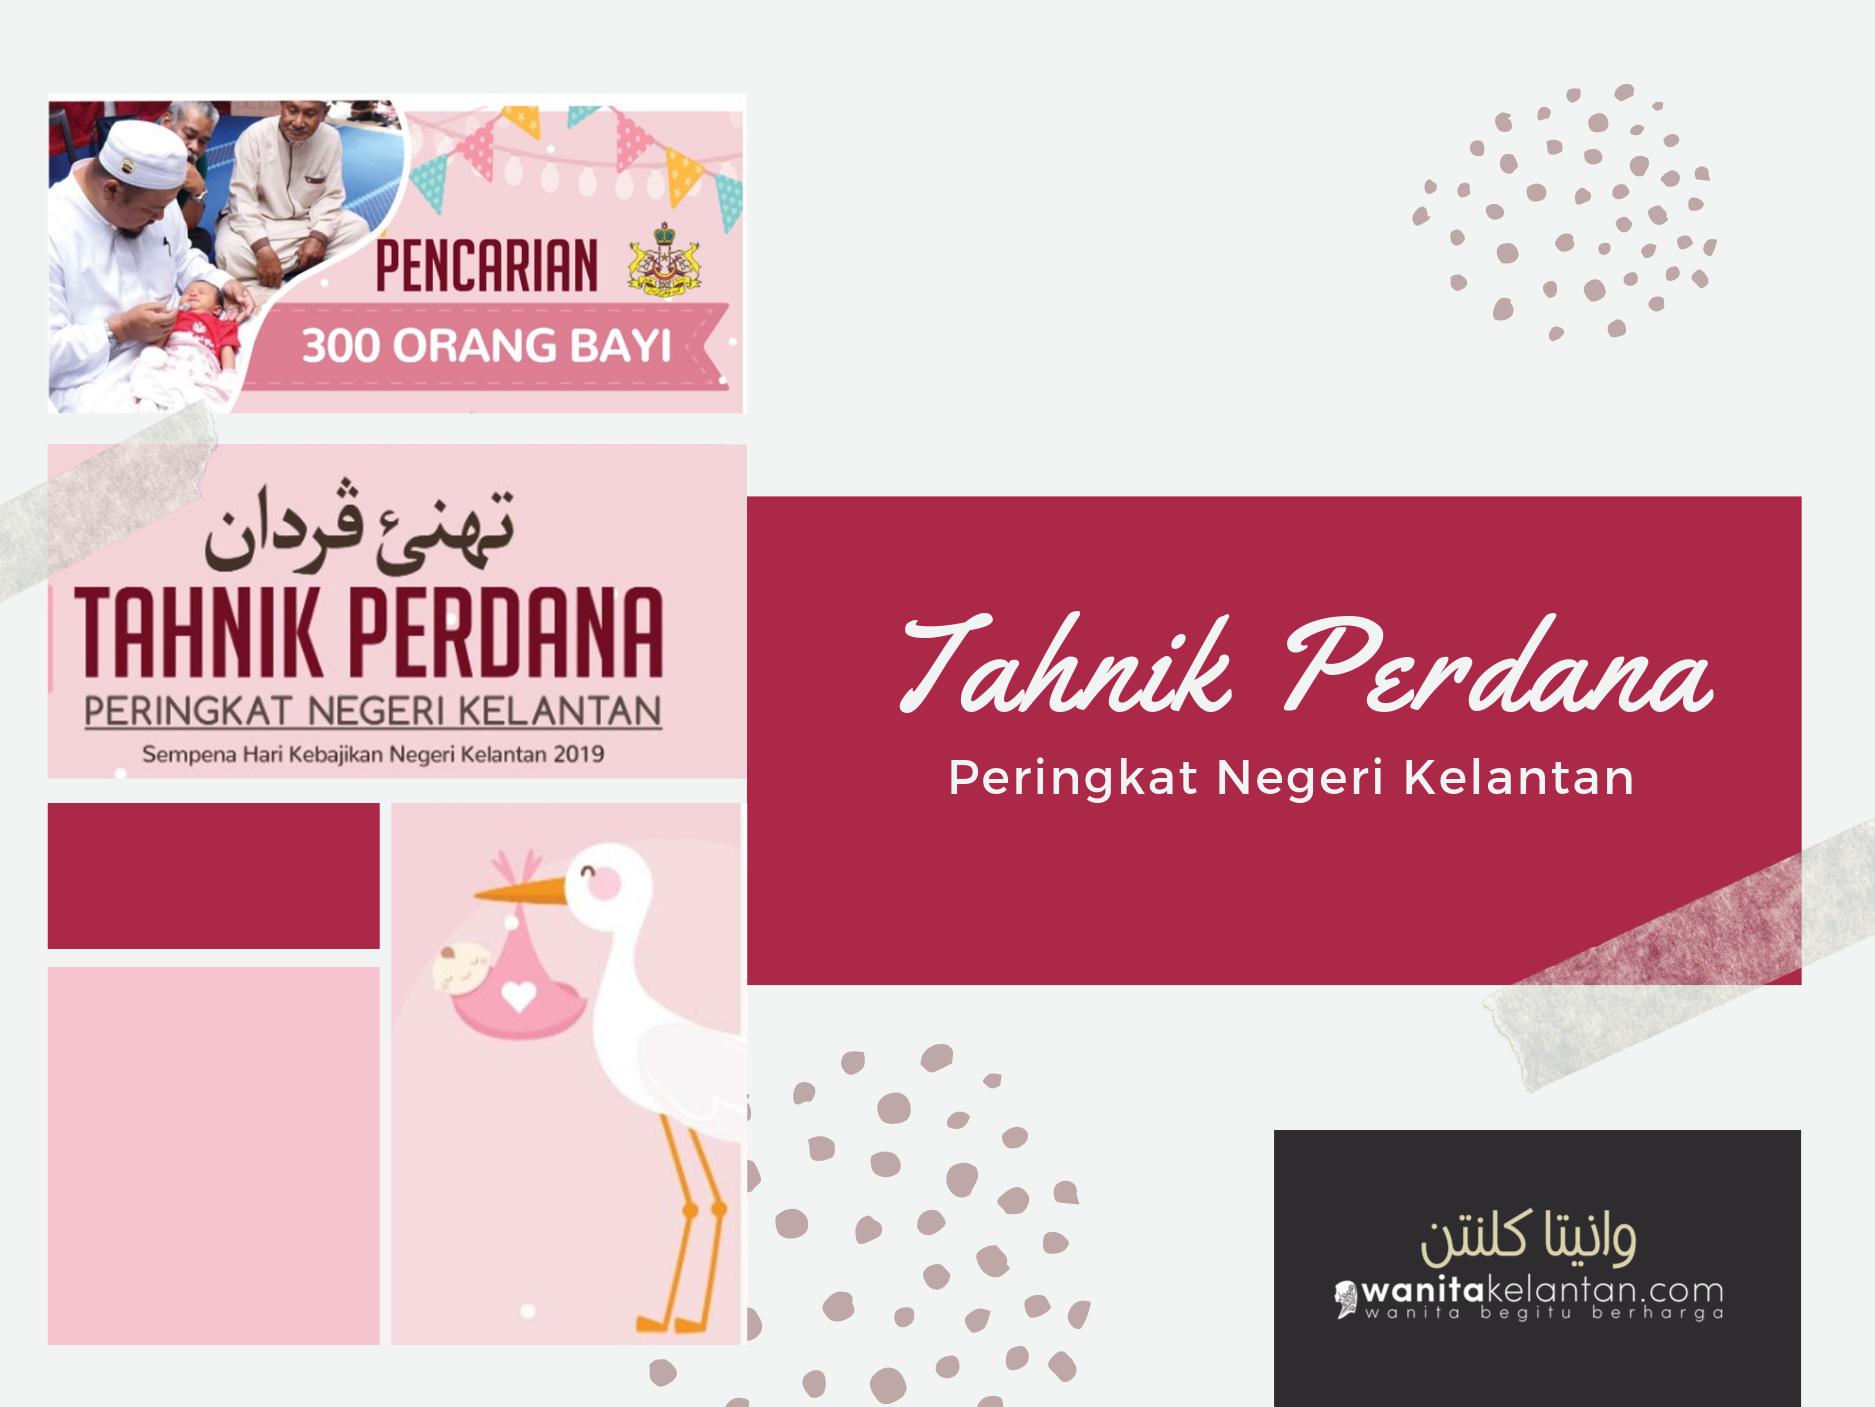 Tahnik Perdana 2019 Peringkat Negeri Kelantan